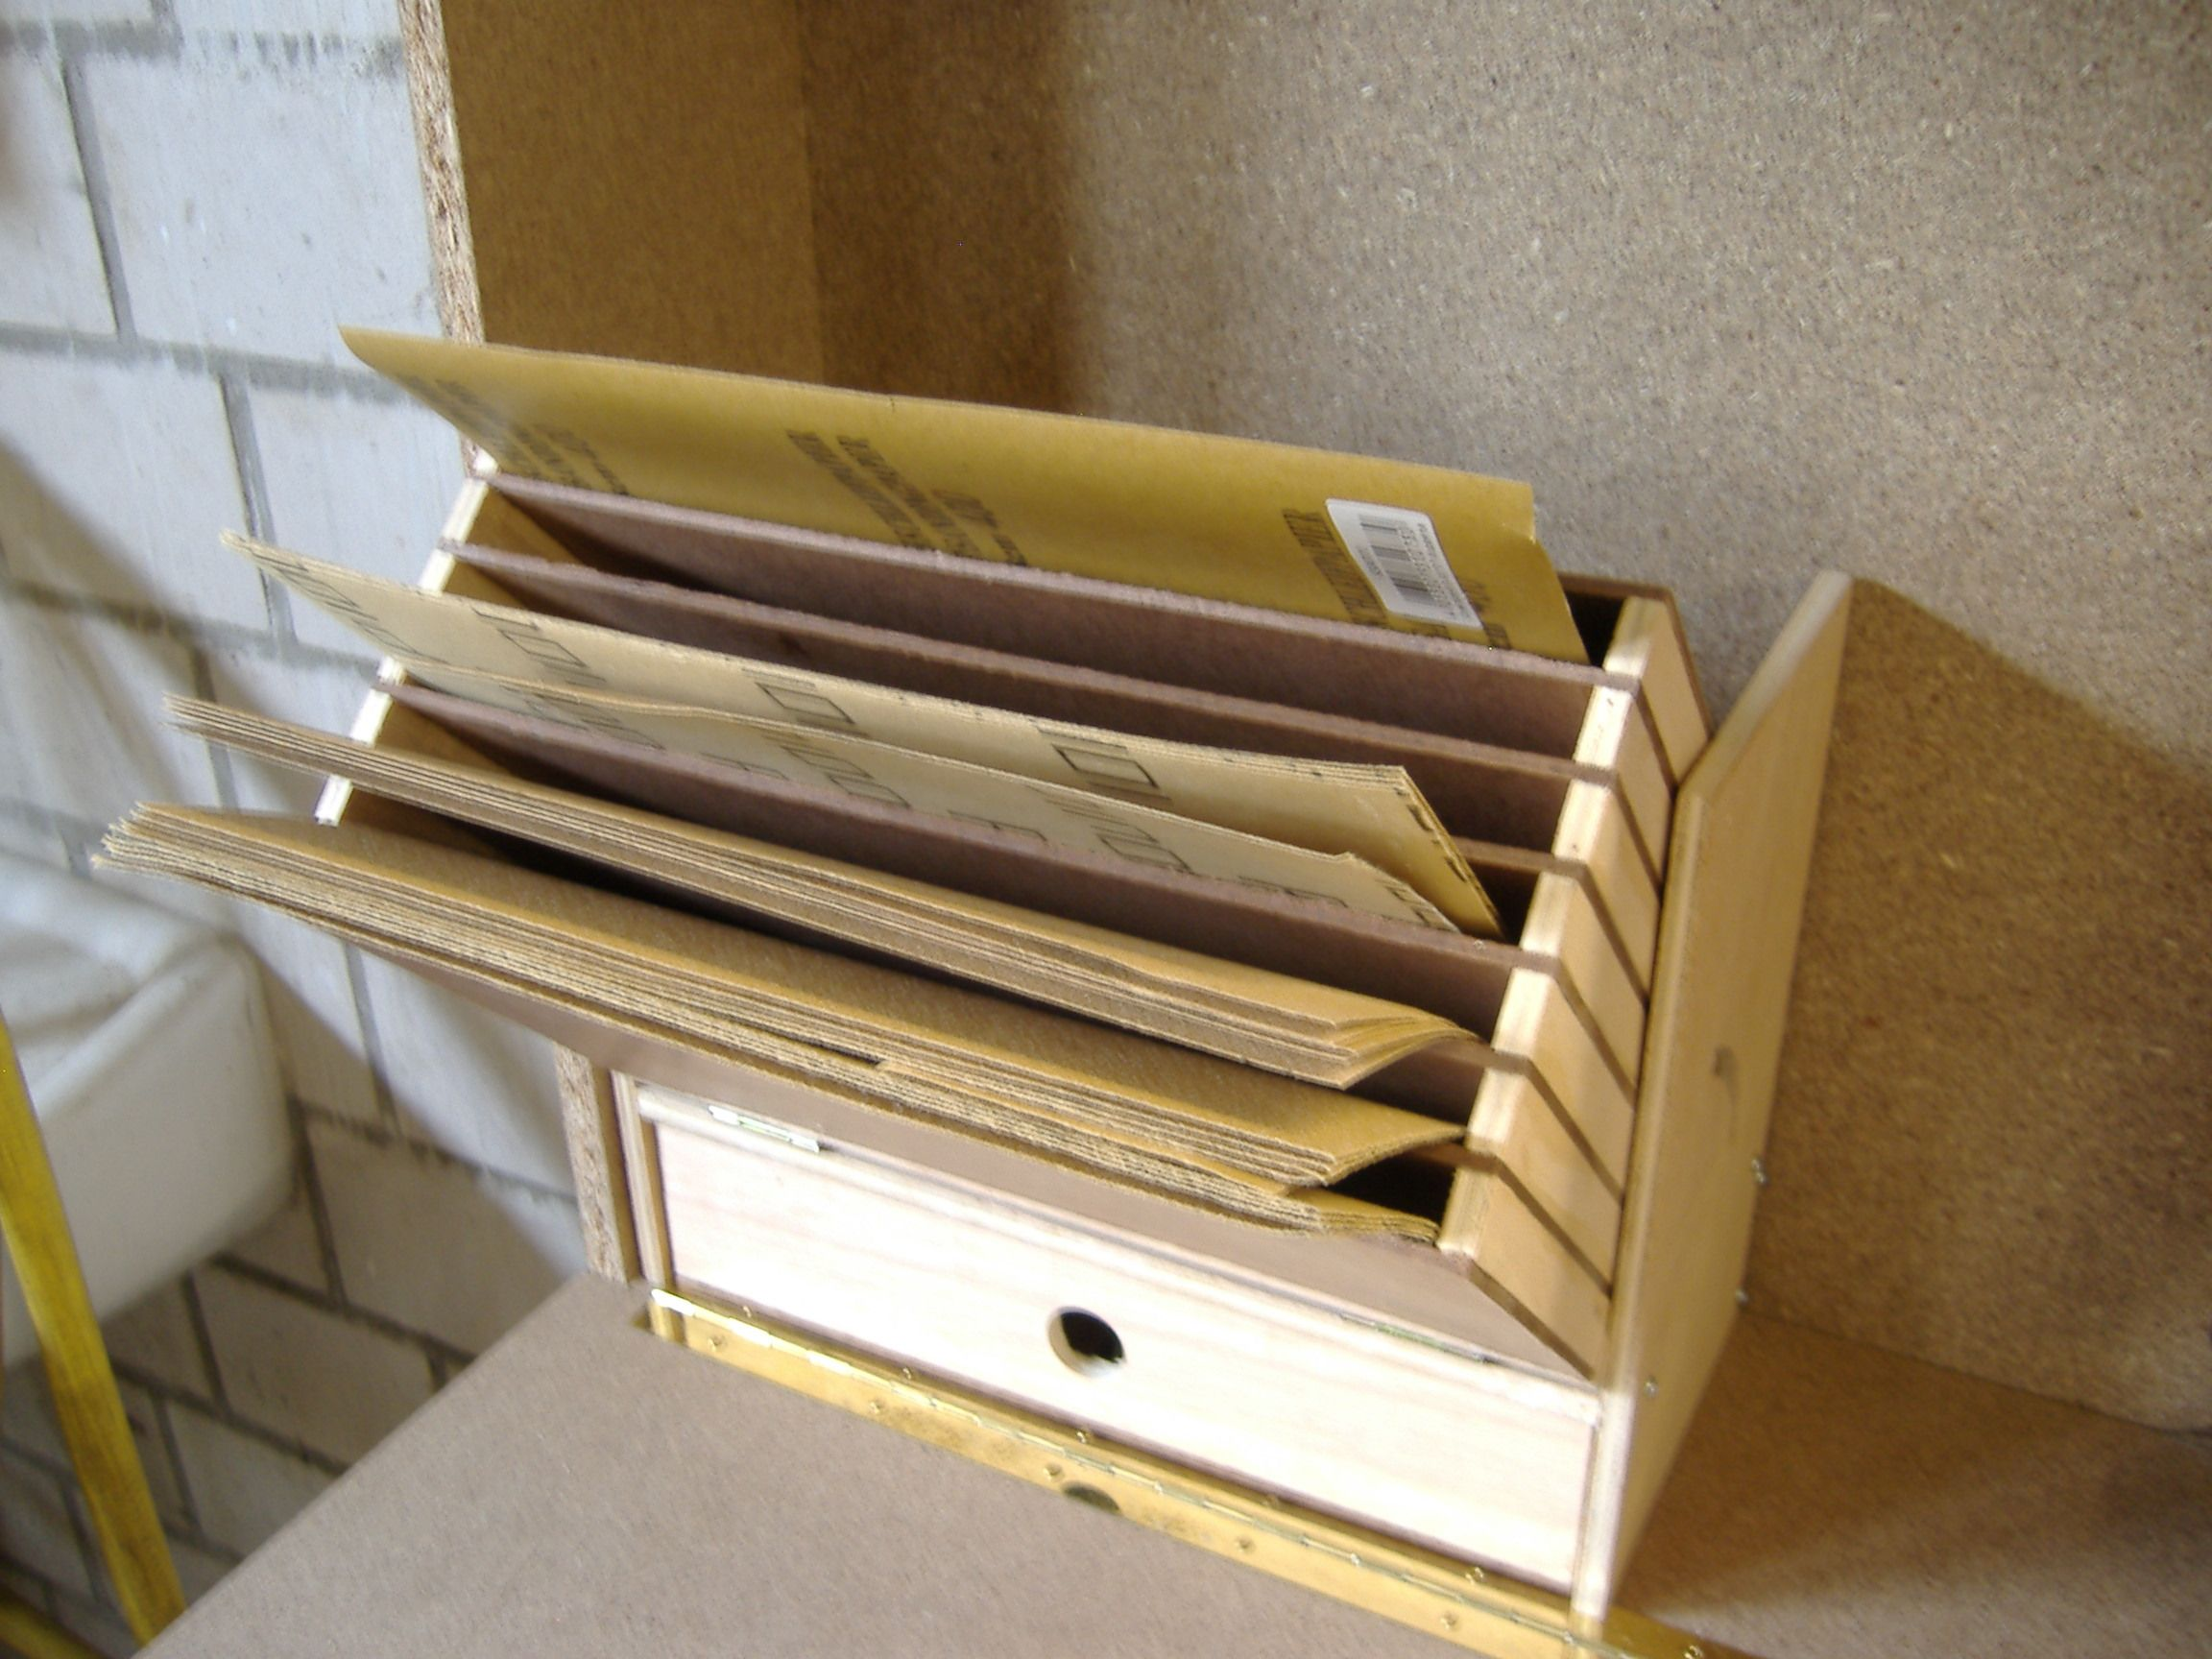 schleifpapier spender bauanleitung zum selber bauen. Black Bedroom Furniture Sets. Home Design Ideas